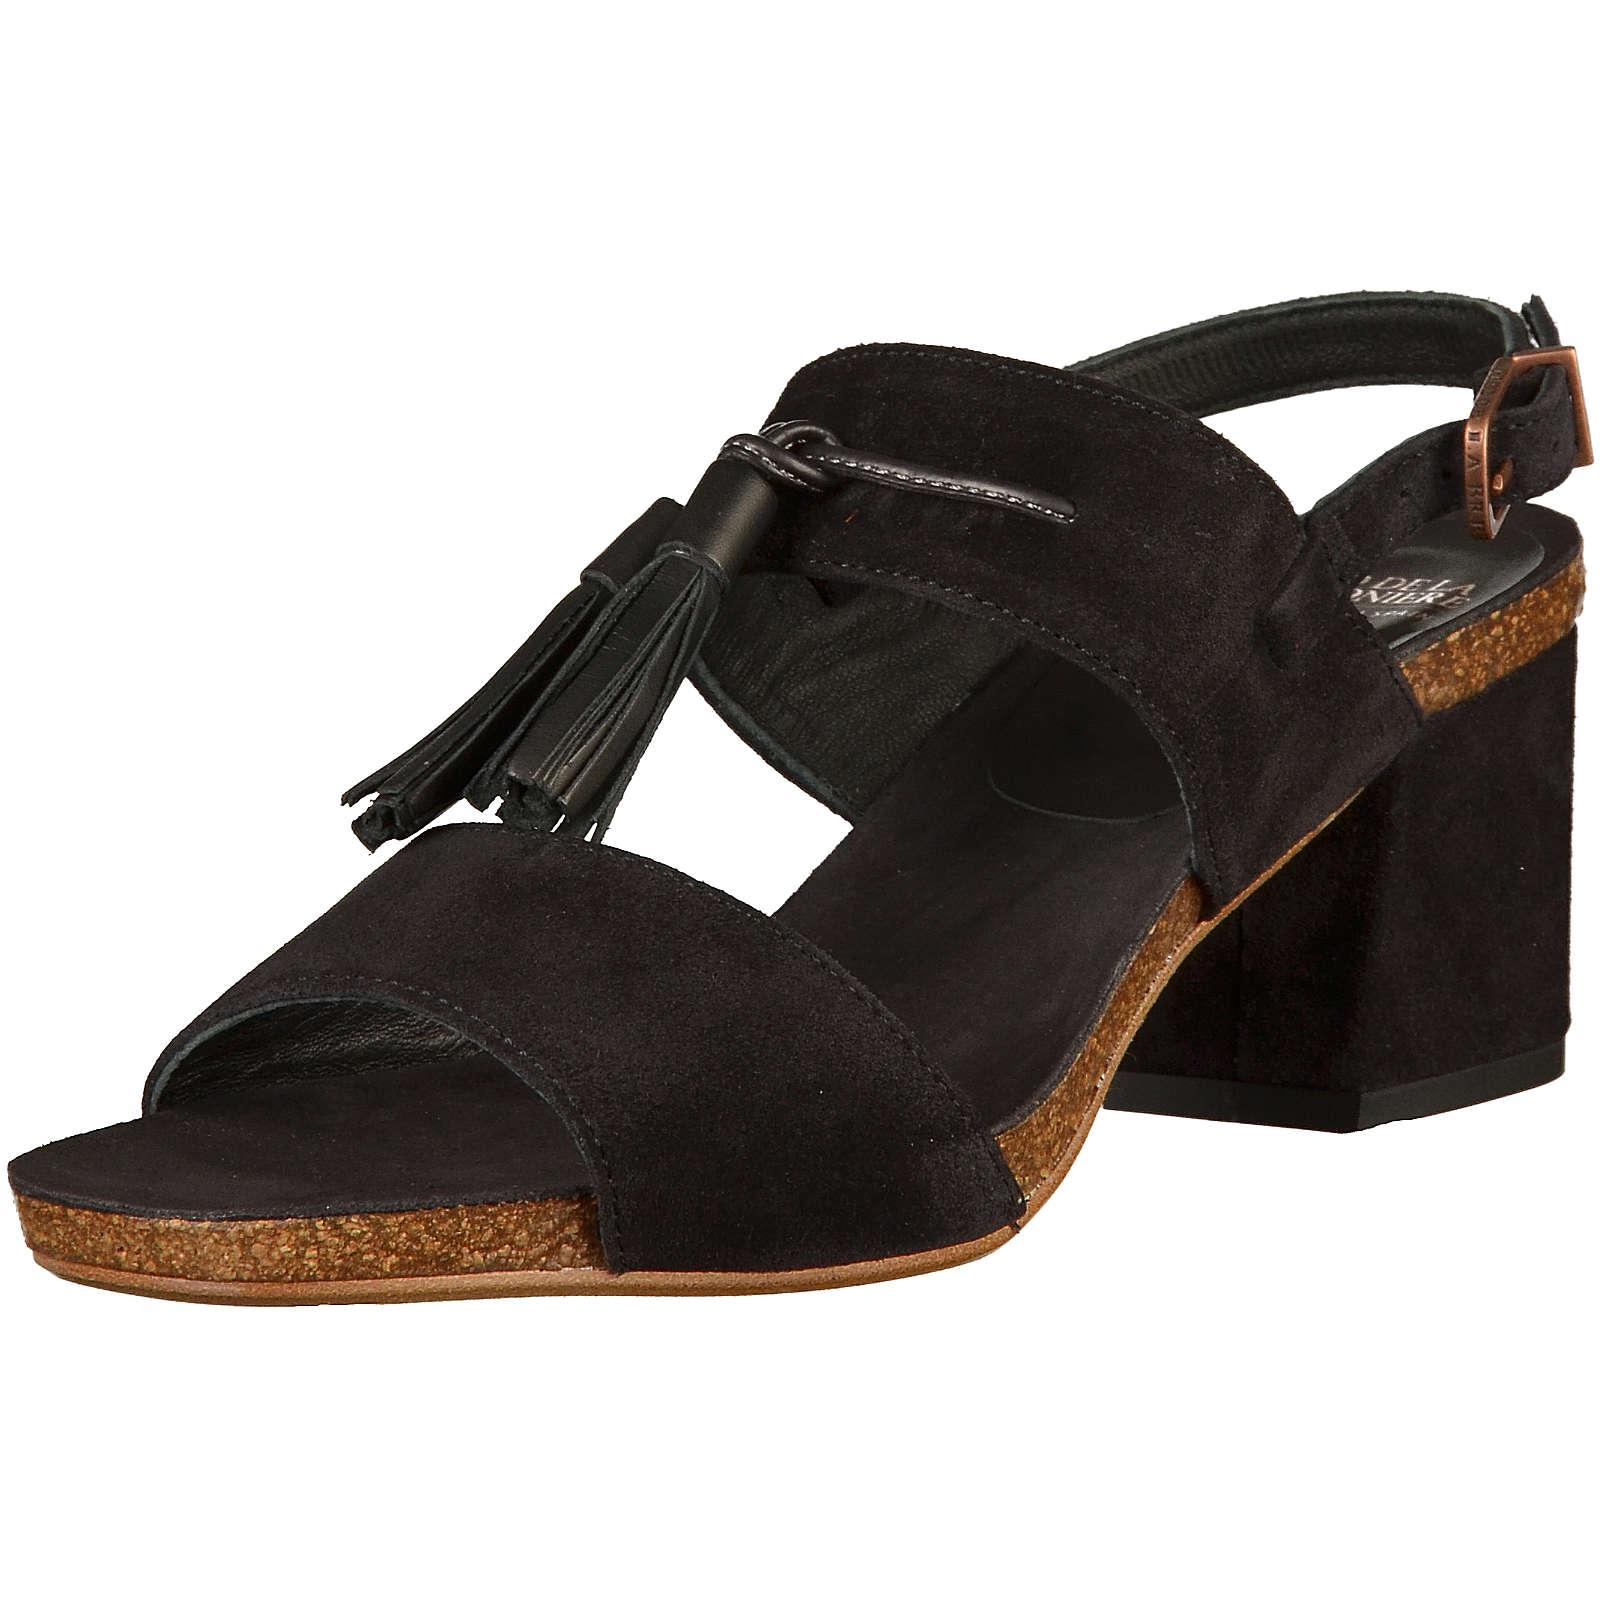 Fred de la Bretonière Klassische Sandaletten schwarz Damen Gr. 37